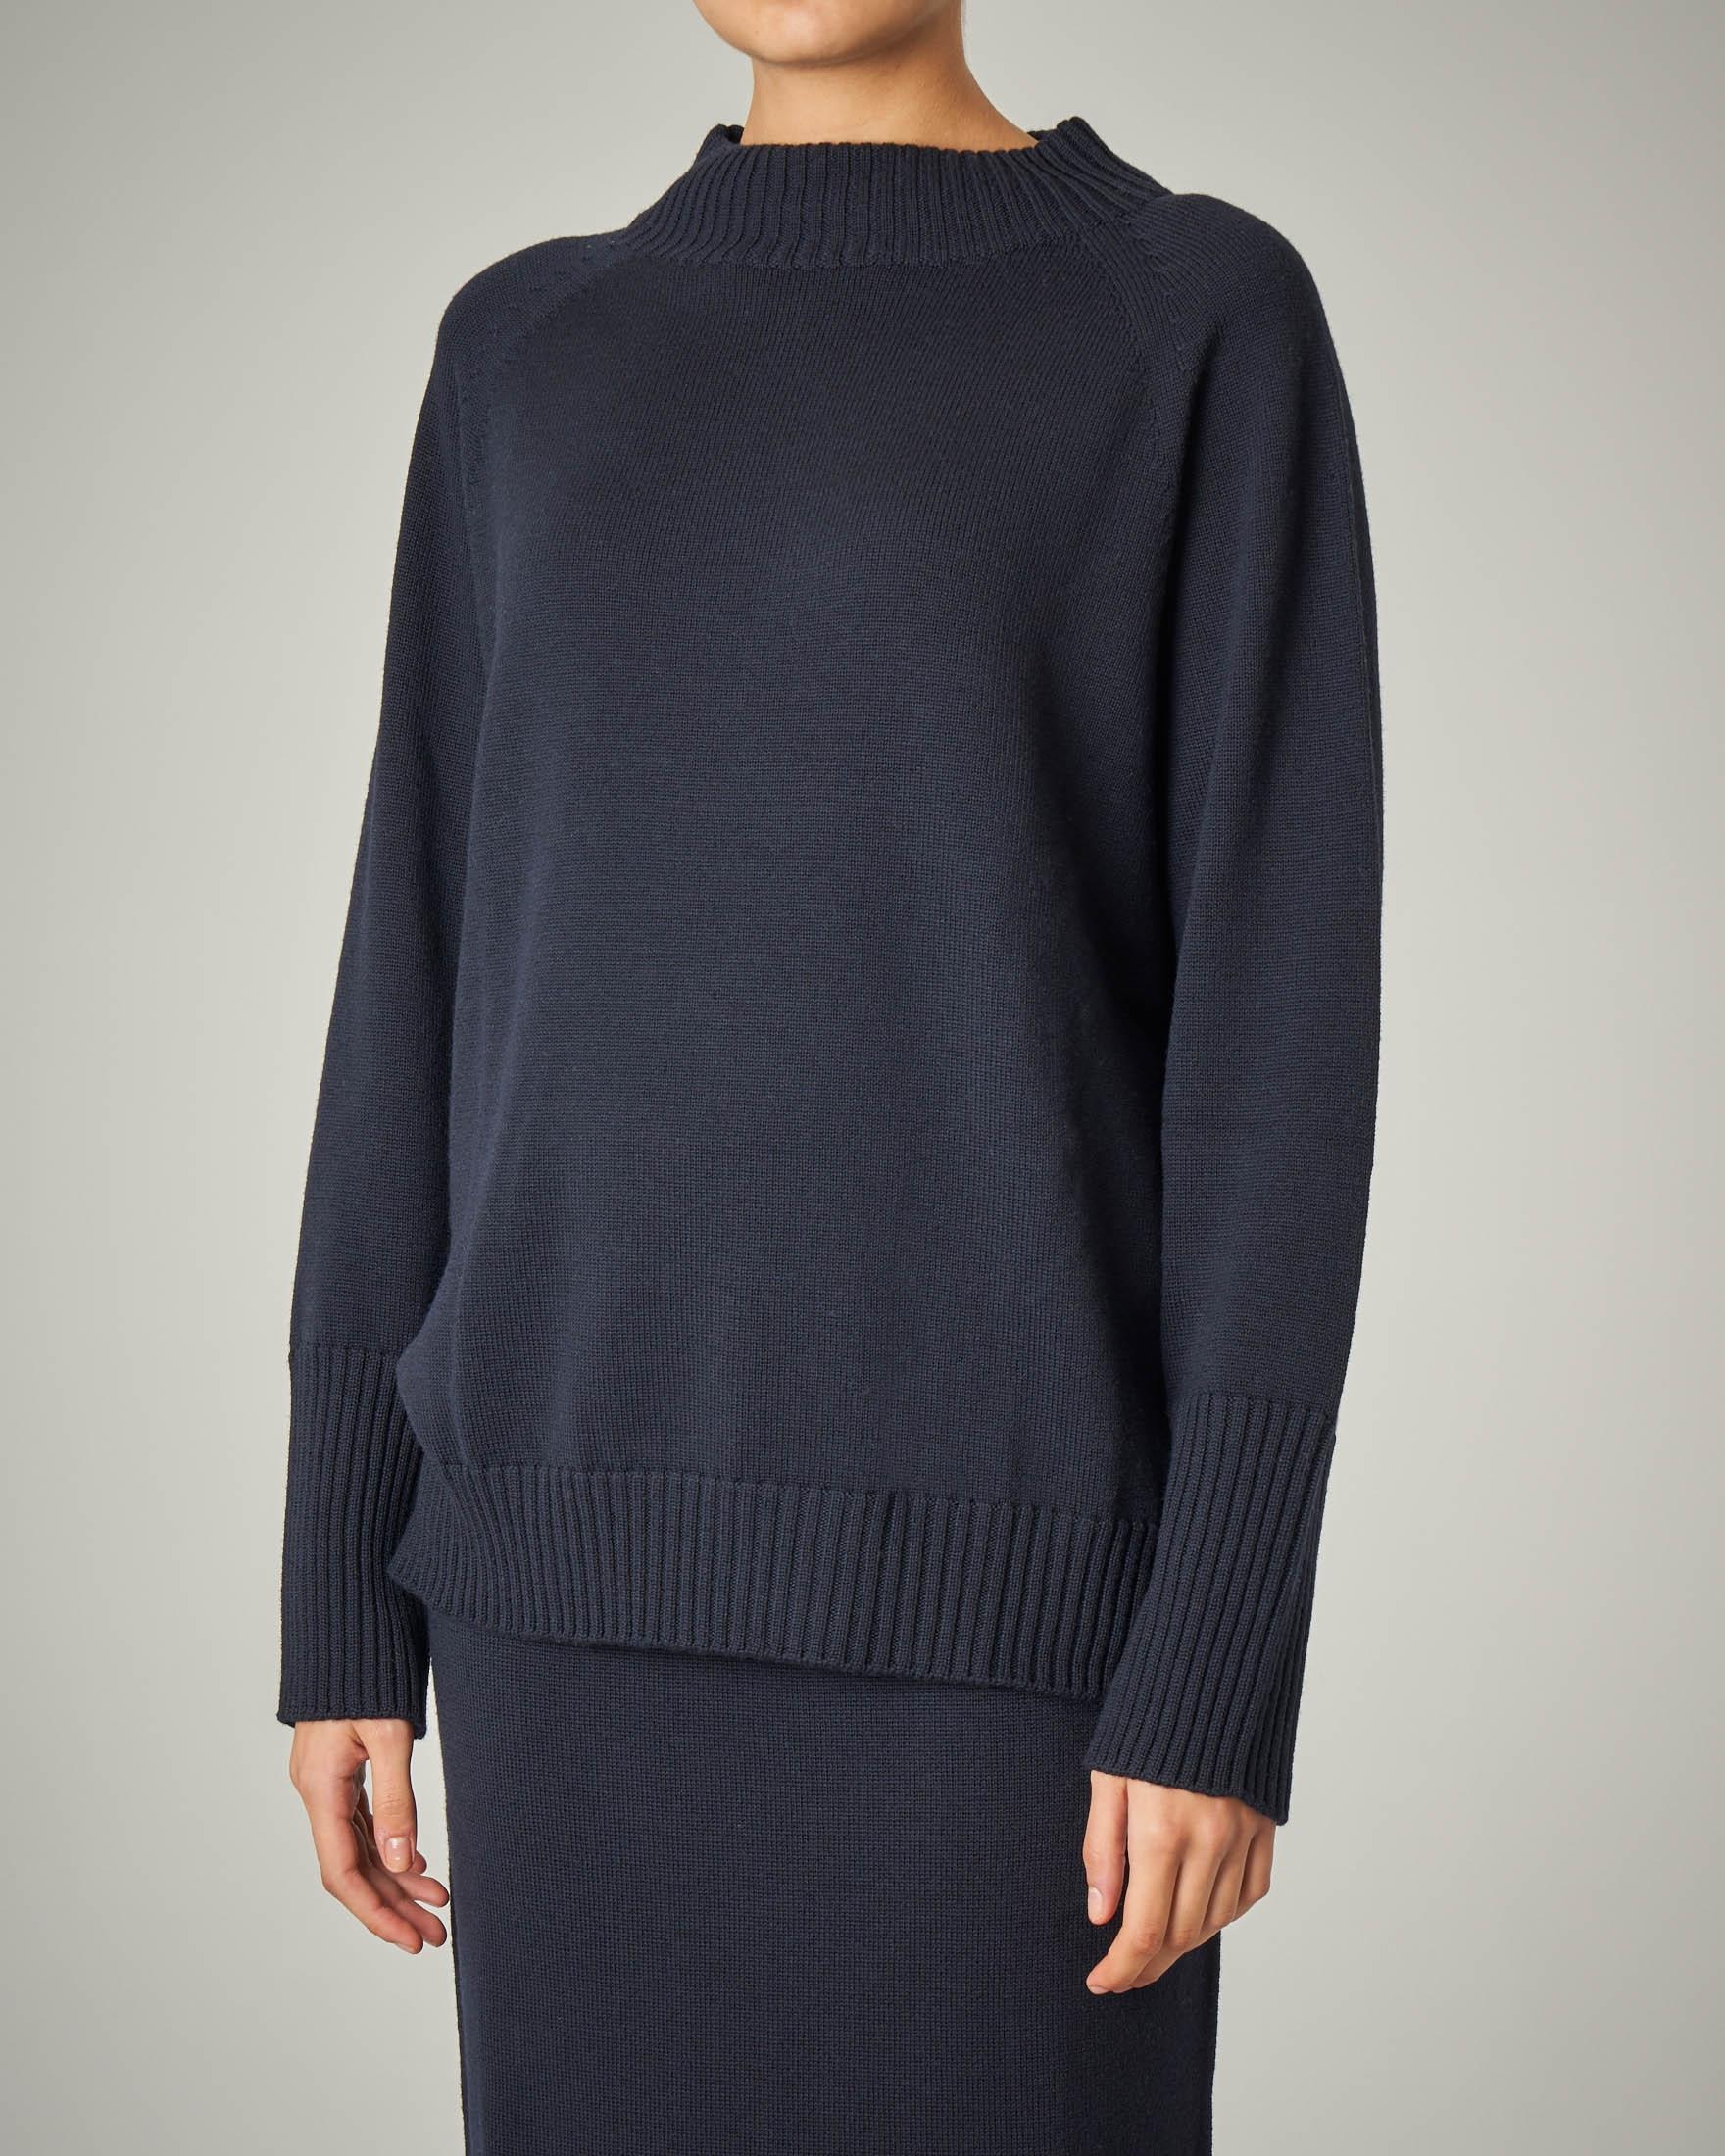 Maglia collo alto blu in lana vergine